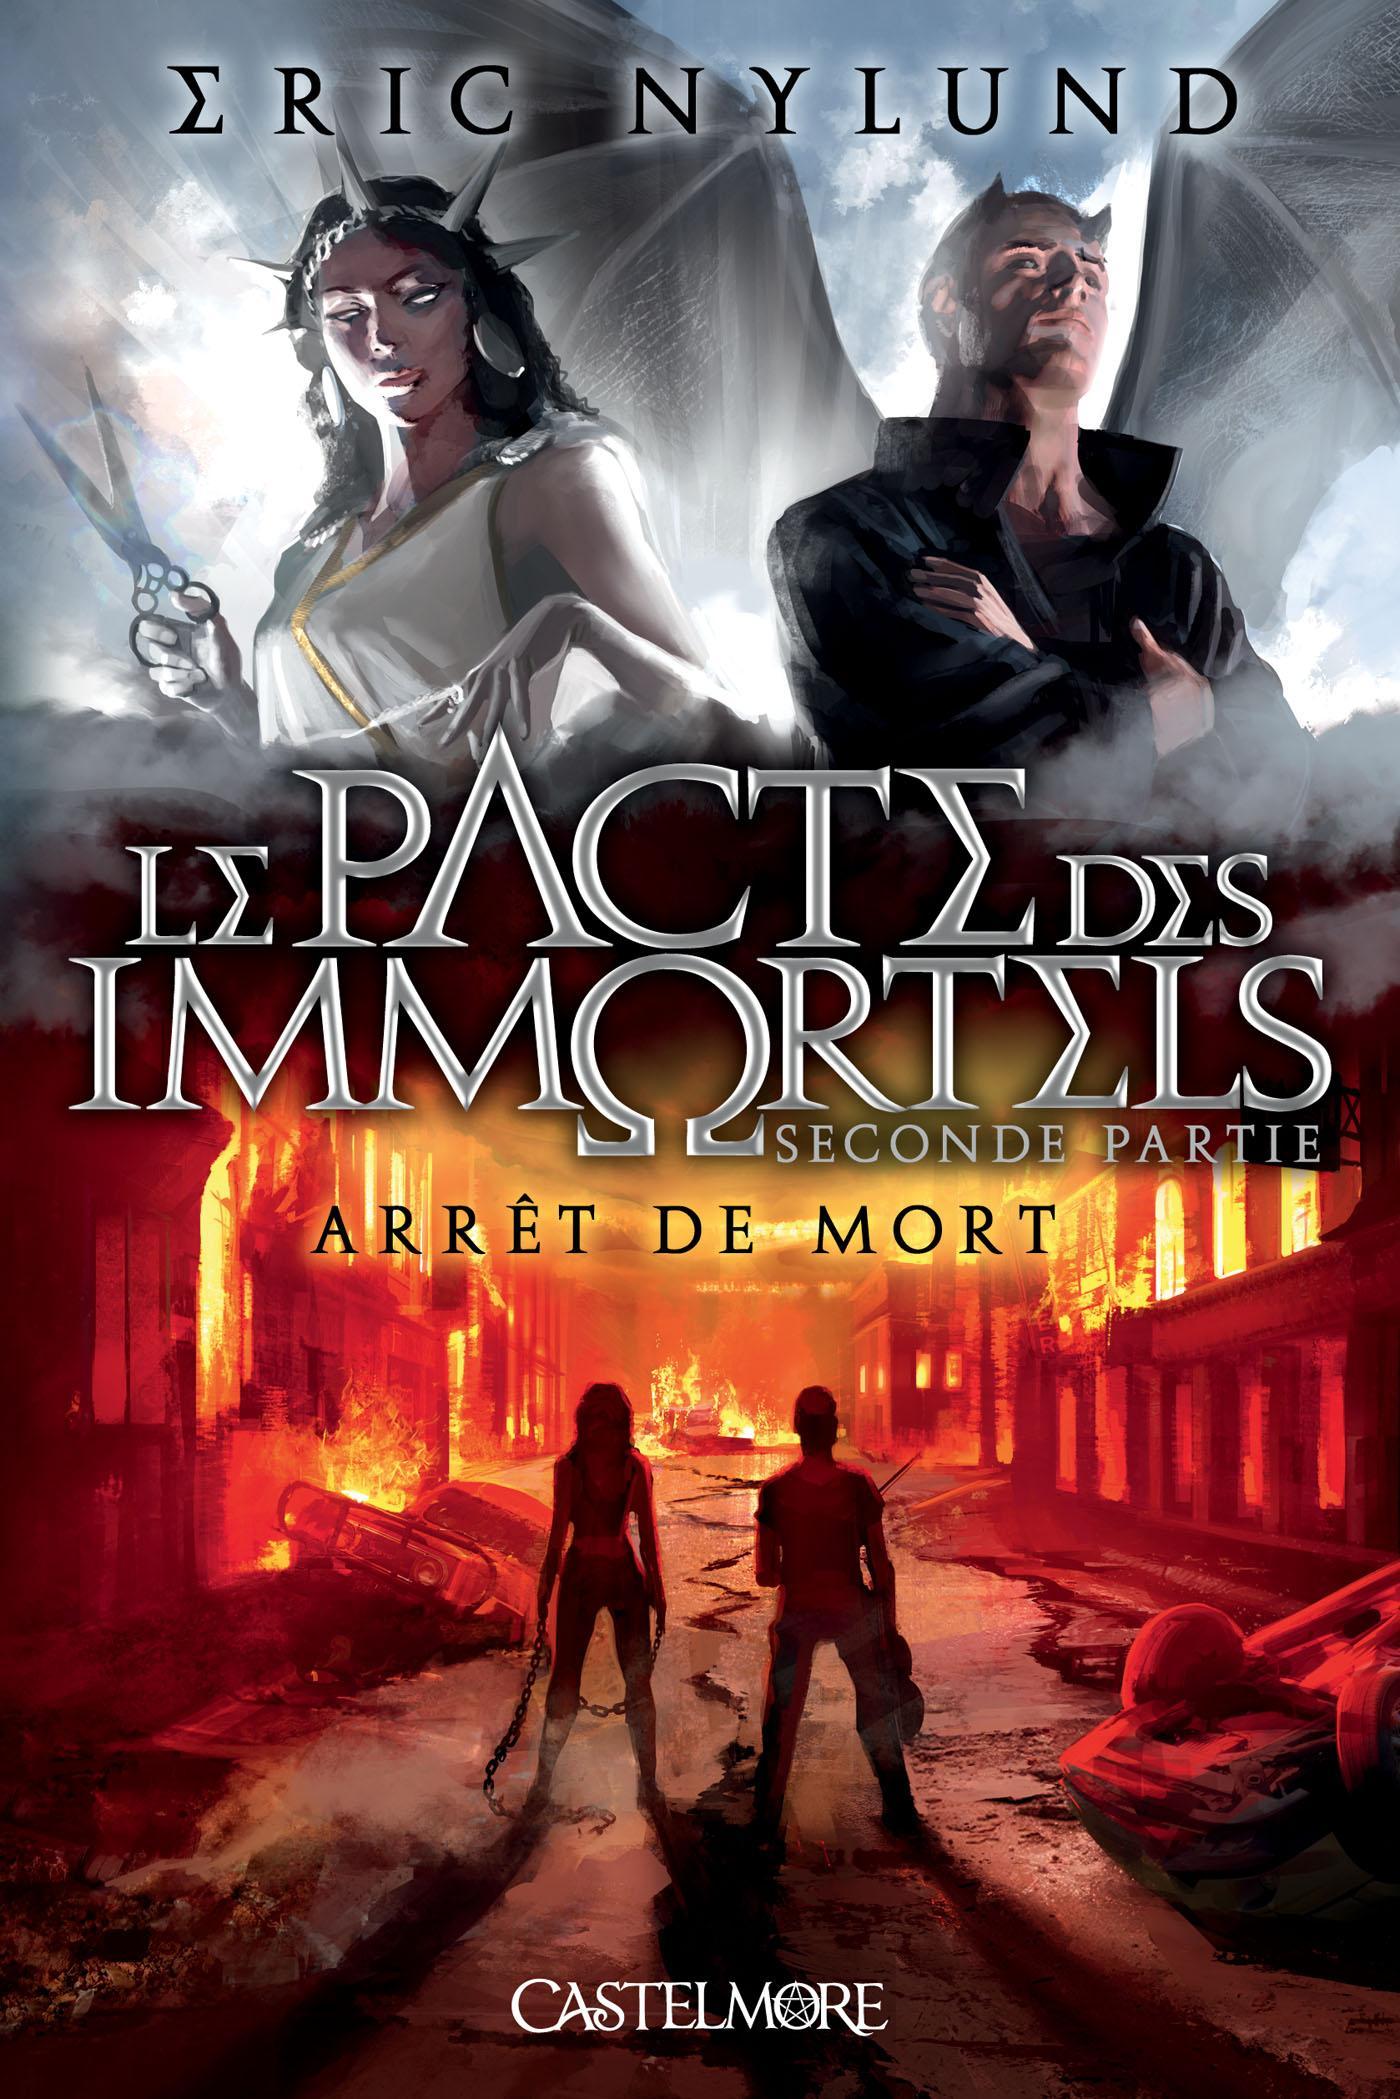 Arrêt de mort, LE PACTE DES IMMORTELS, T2